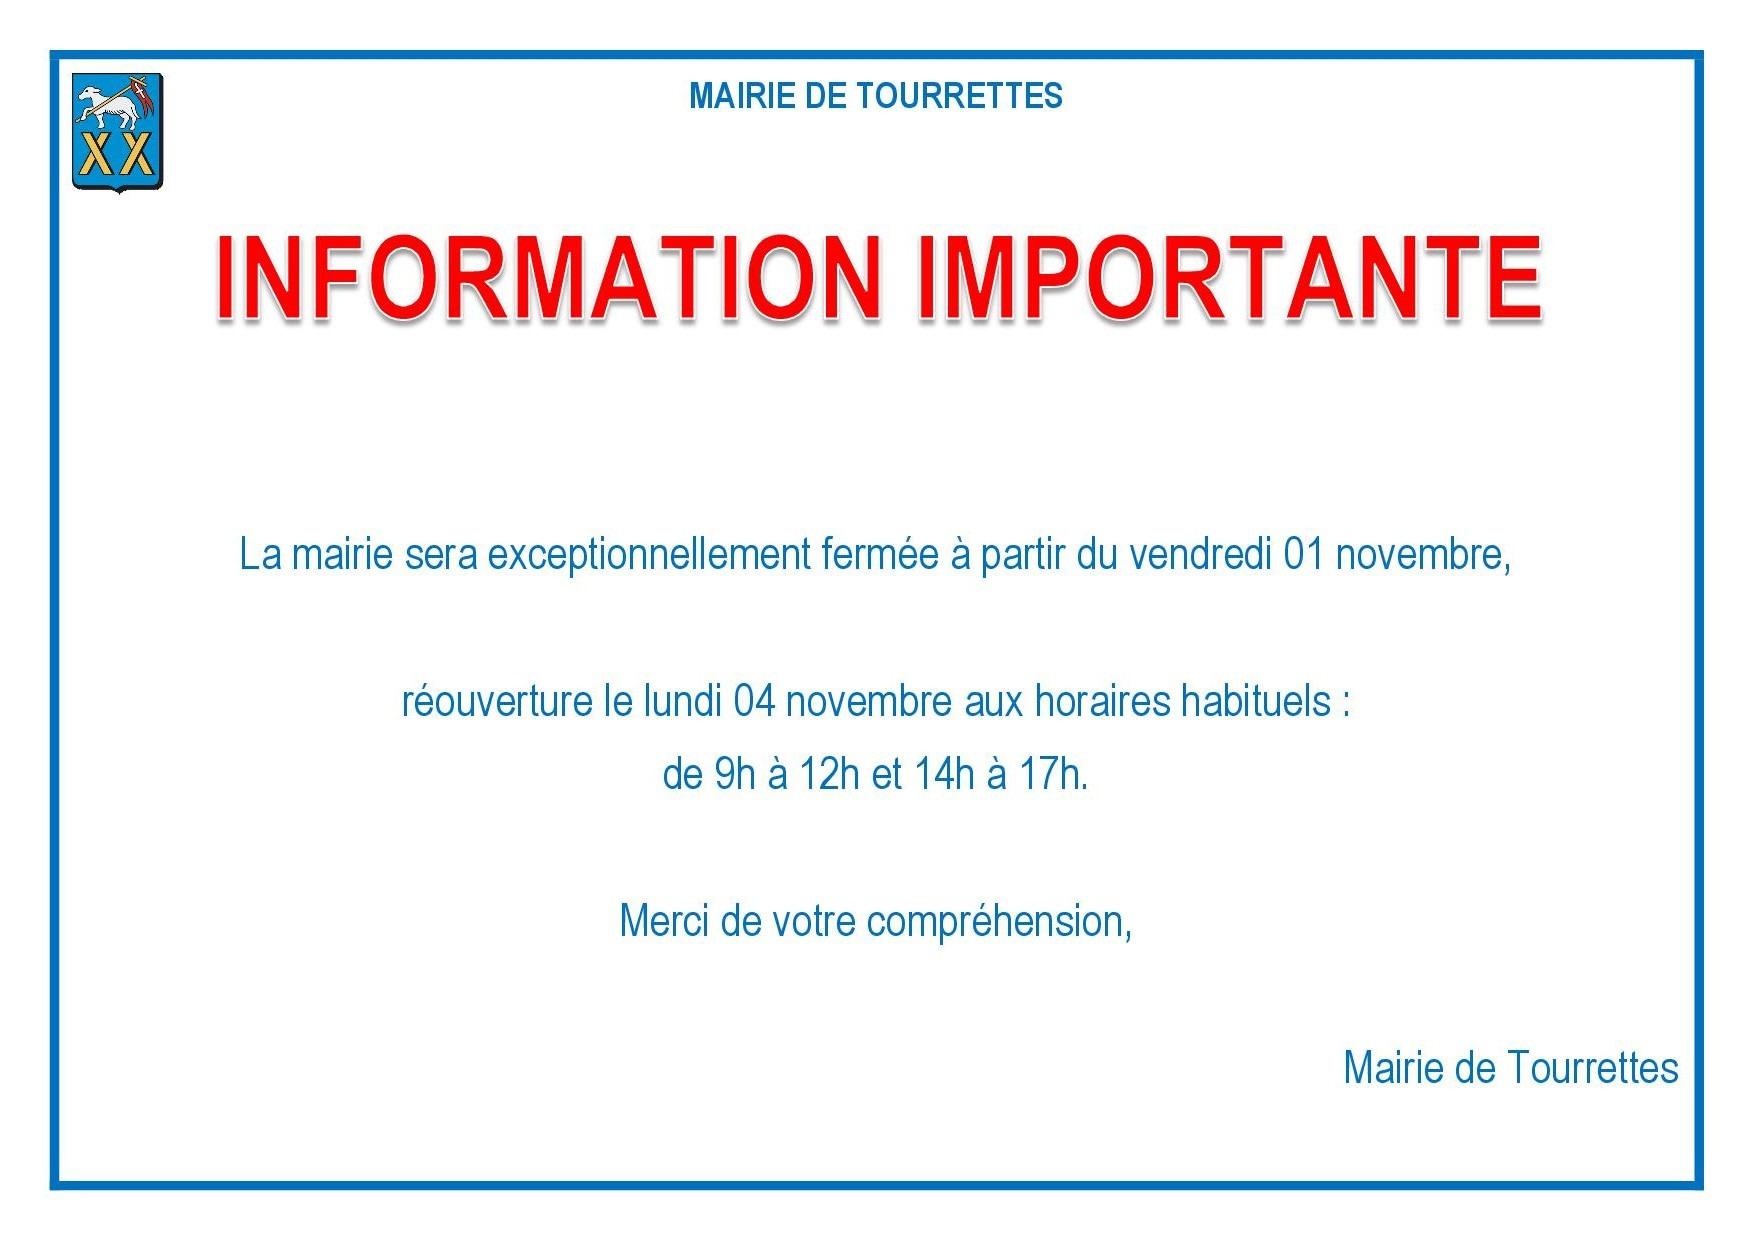 Information importante : fermeture exceptionnelle de la Mairie